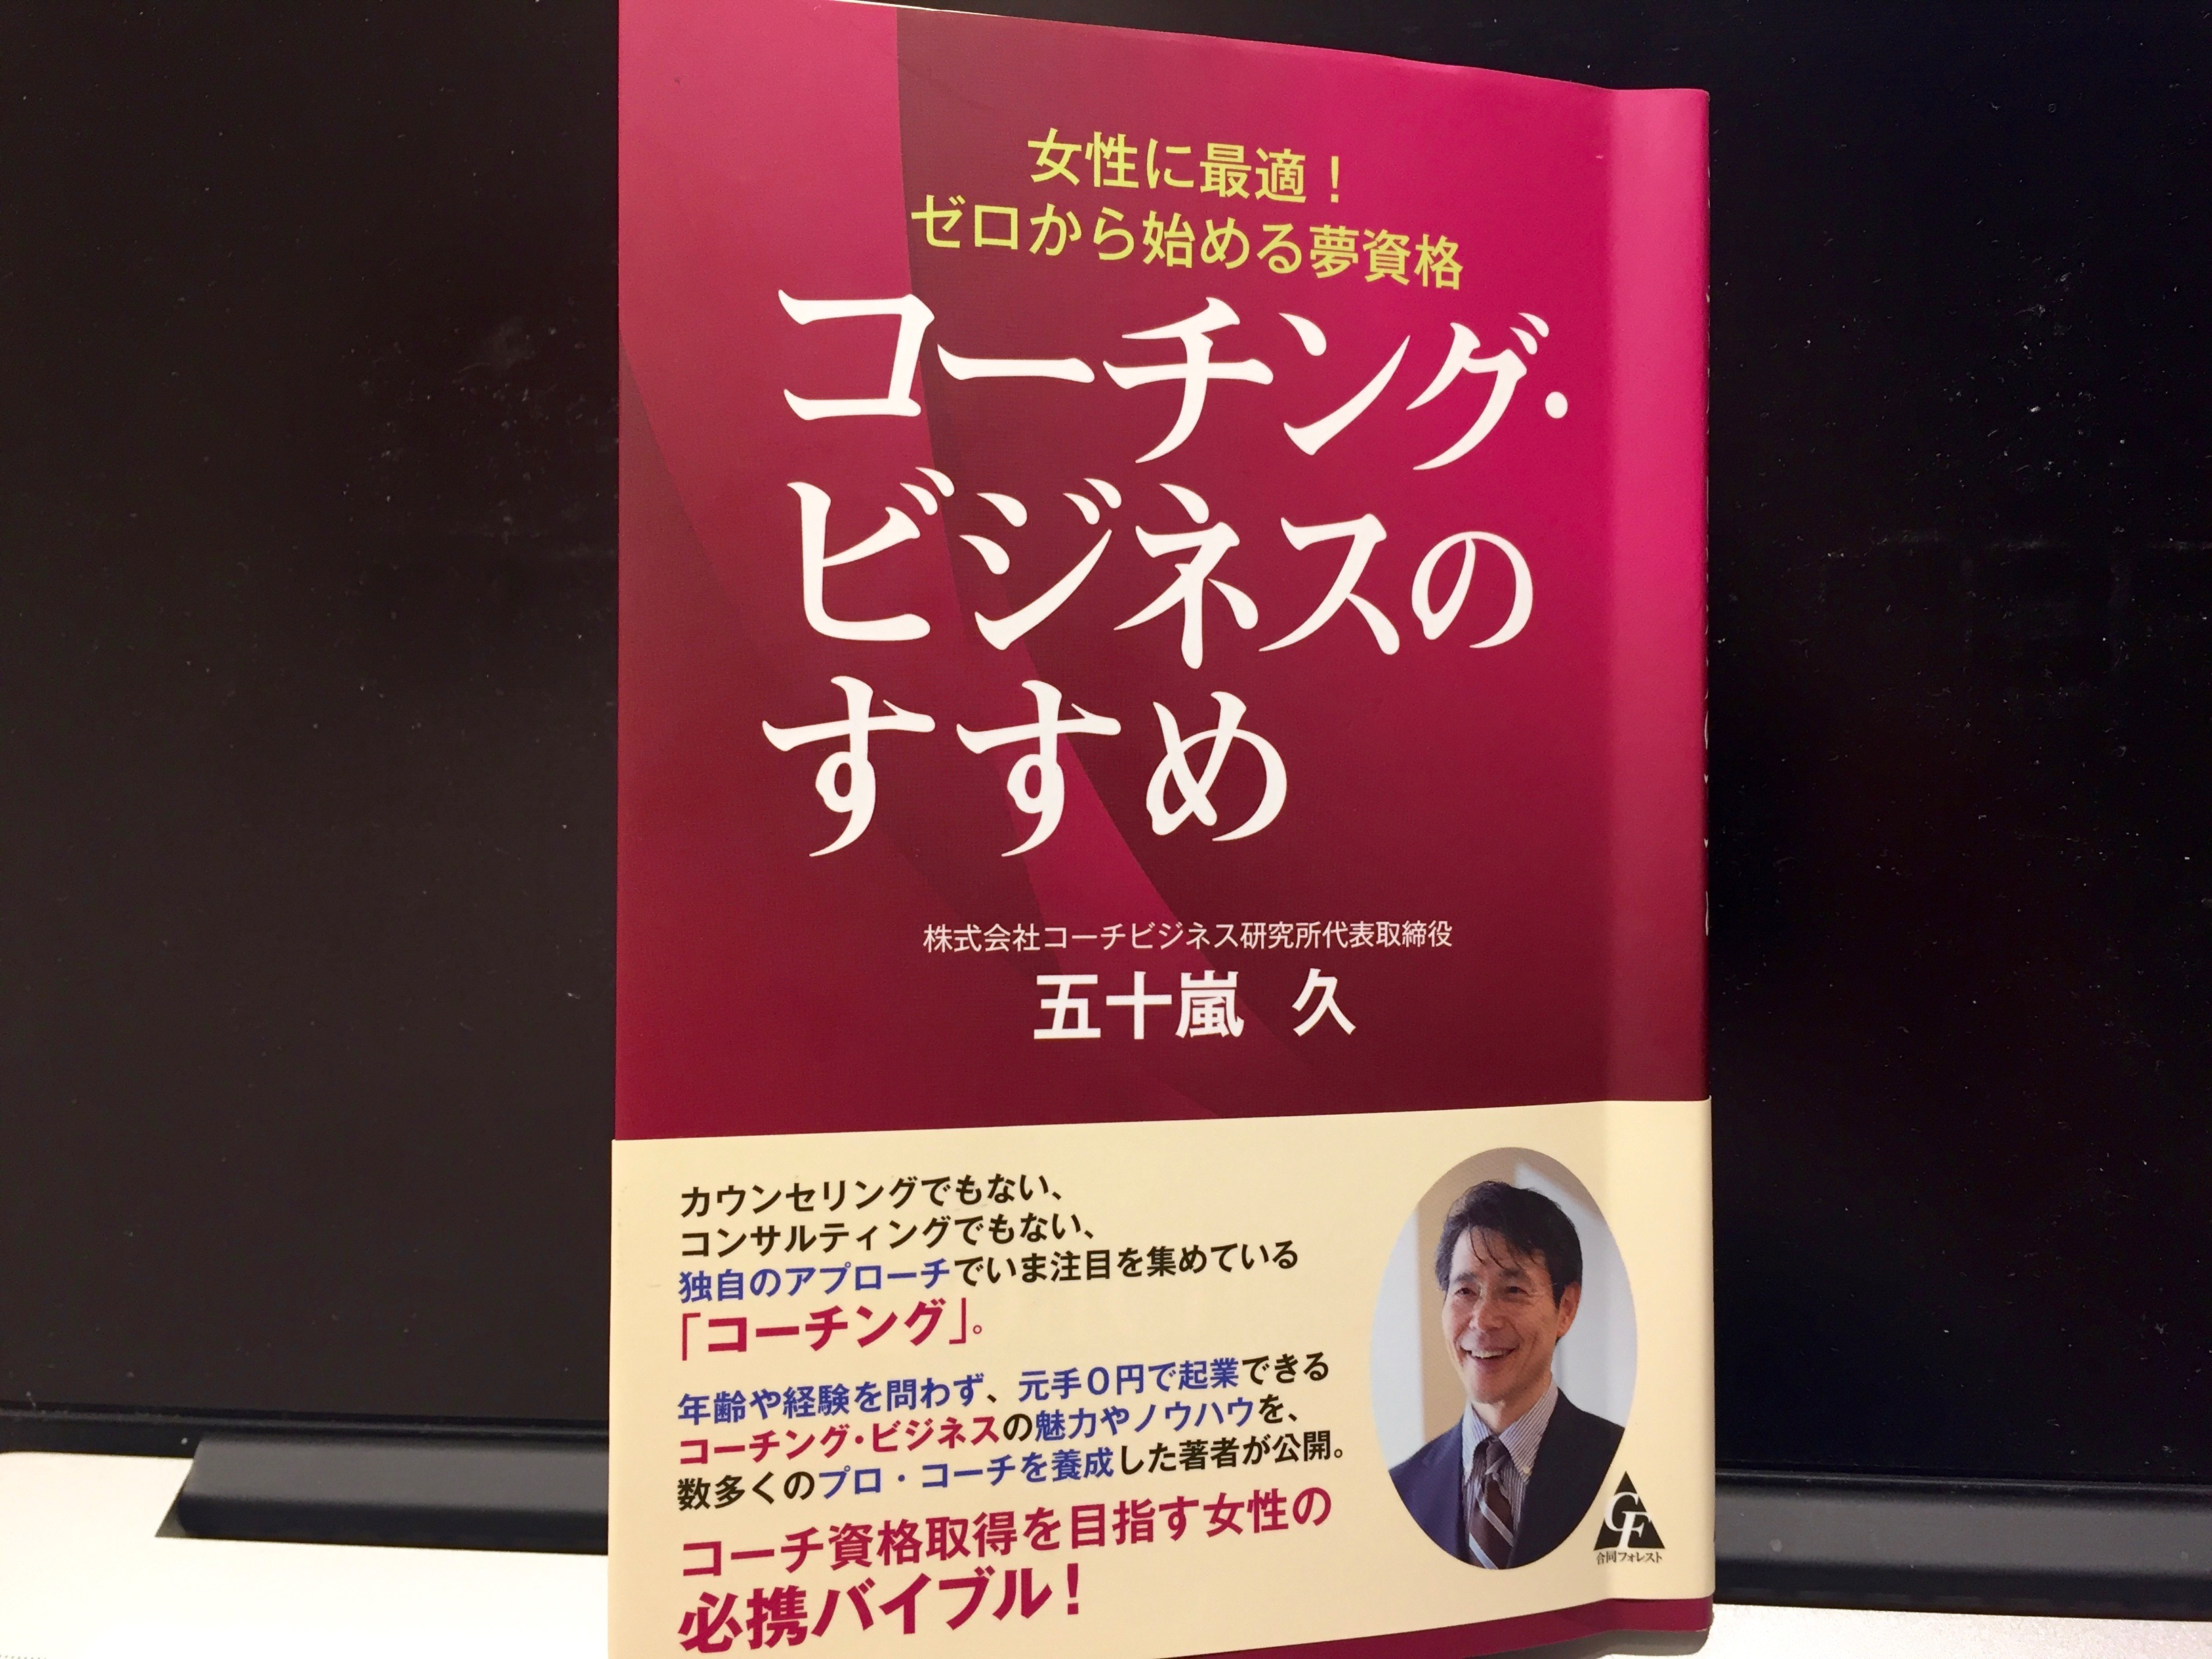 【書評】五十嵐久「コーチング・ビジネスのすすめ〜女性に最適!ゼロから始める夢資格〜」